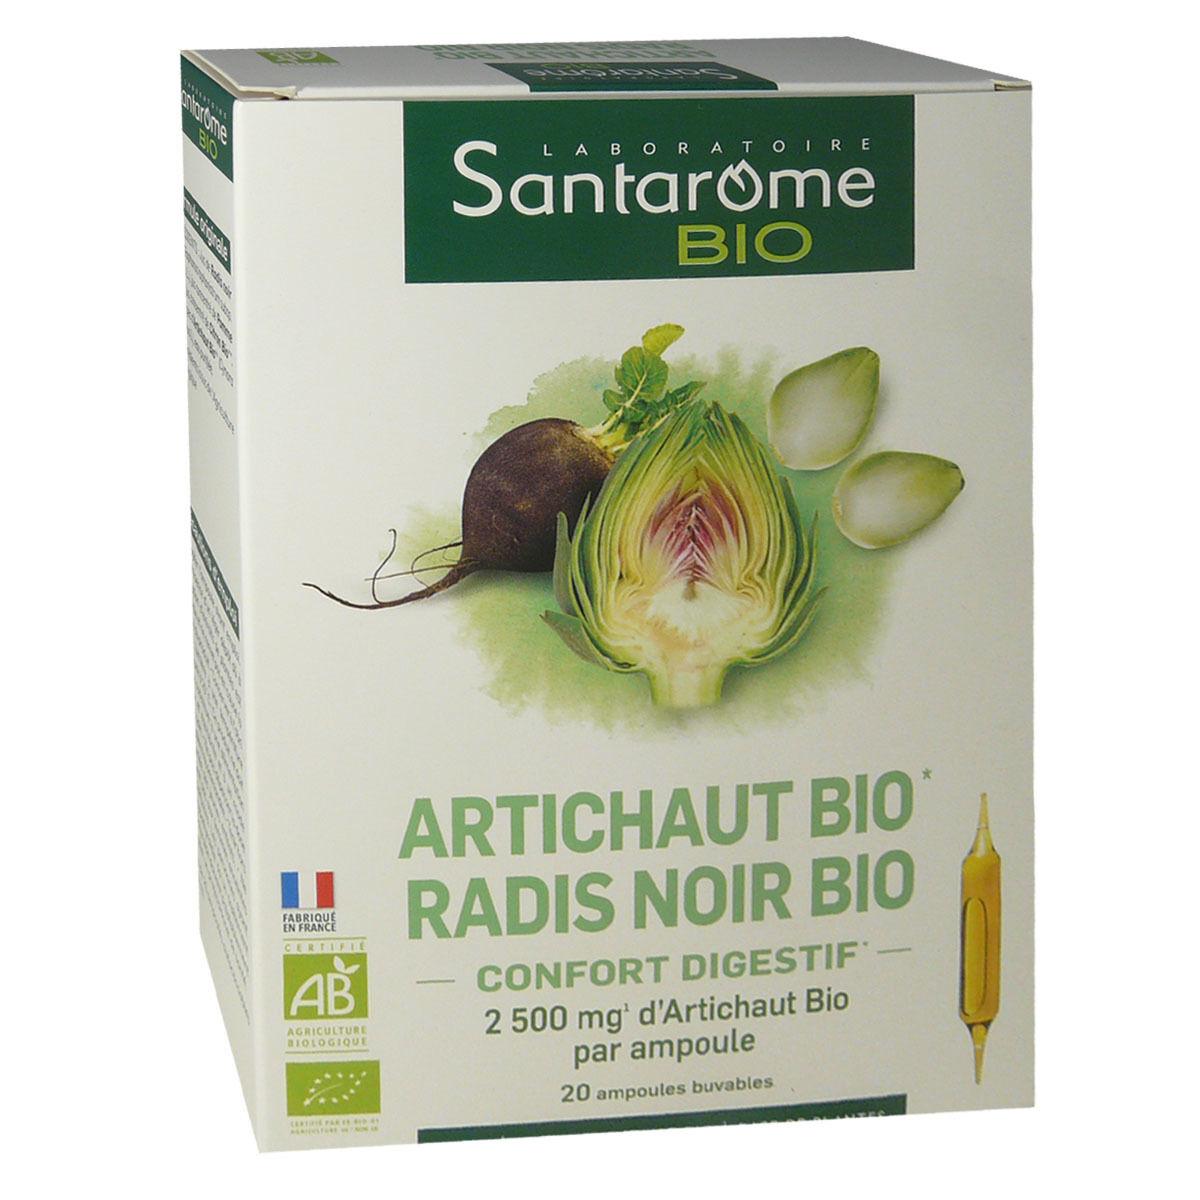 Santarome bio artichaut radis noir 10 ml 20 ampoules